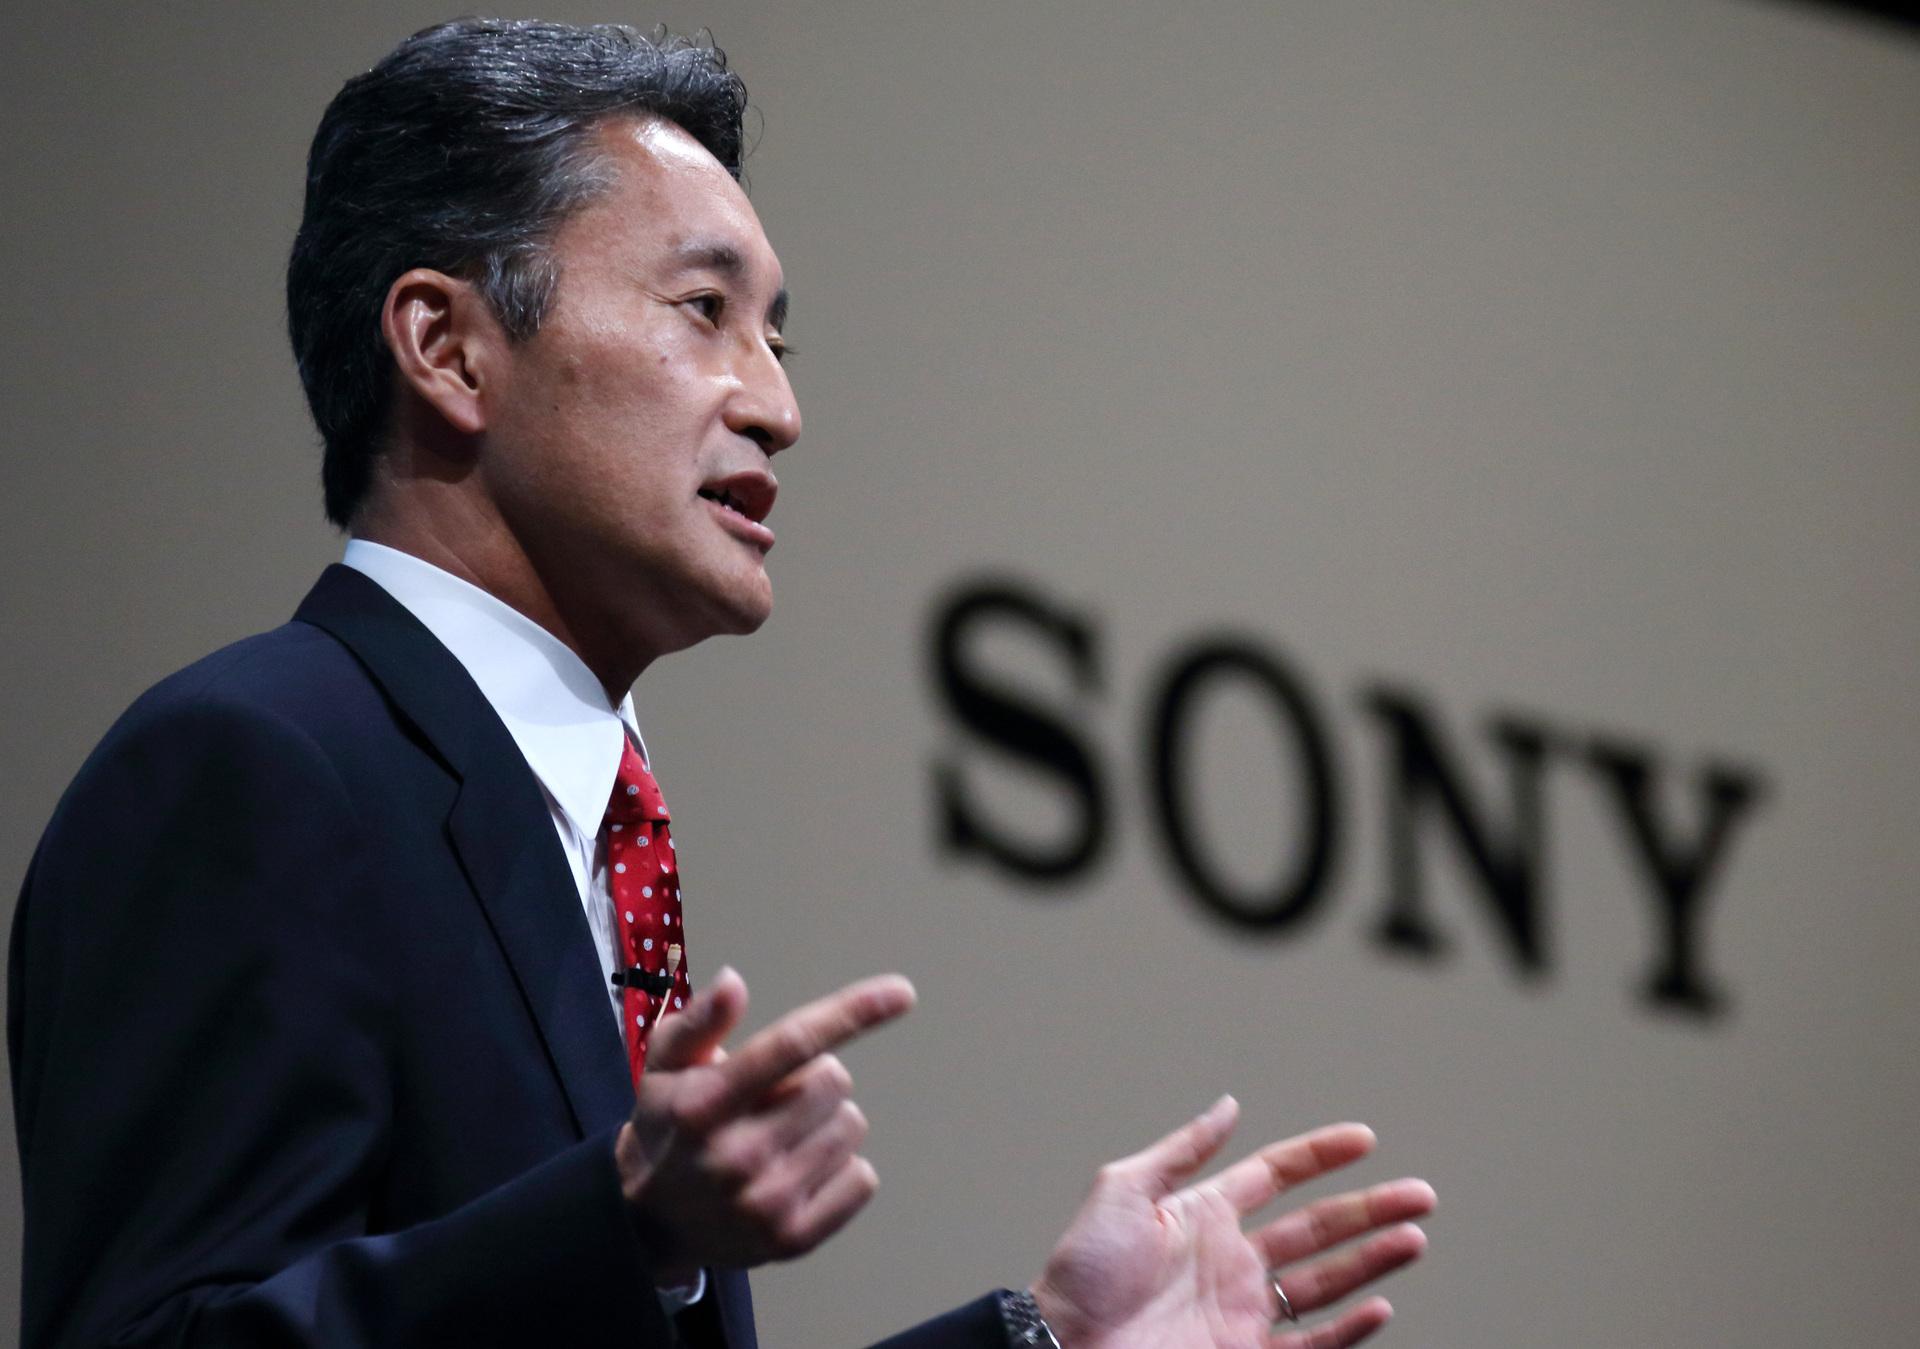 索尼CEO平井一夫赚钱PS5:PS4正是否认的时猫头像猫表情包可爱图片